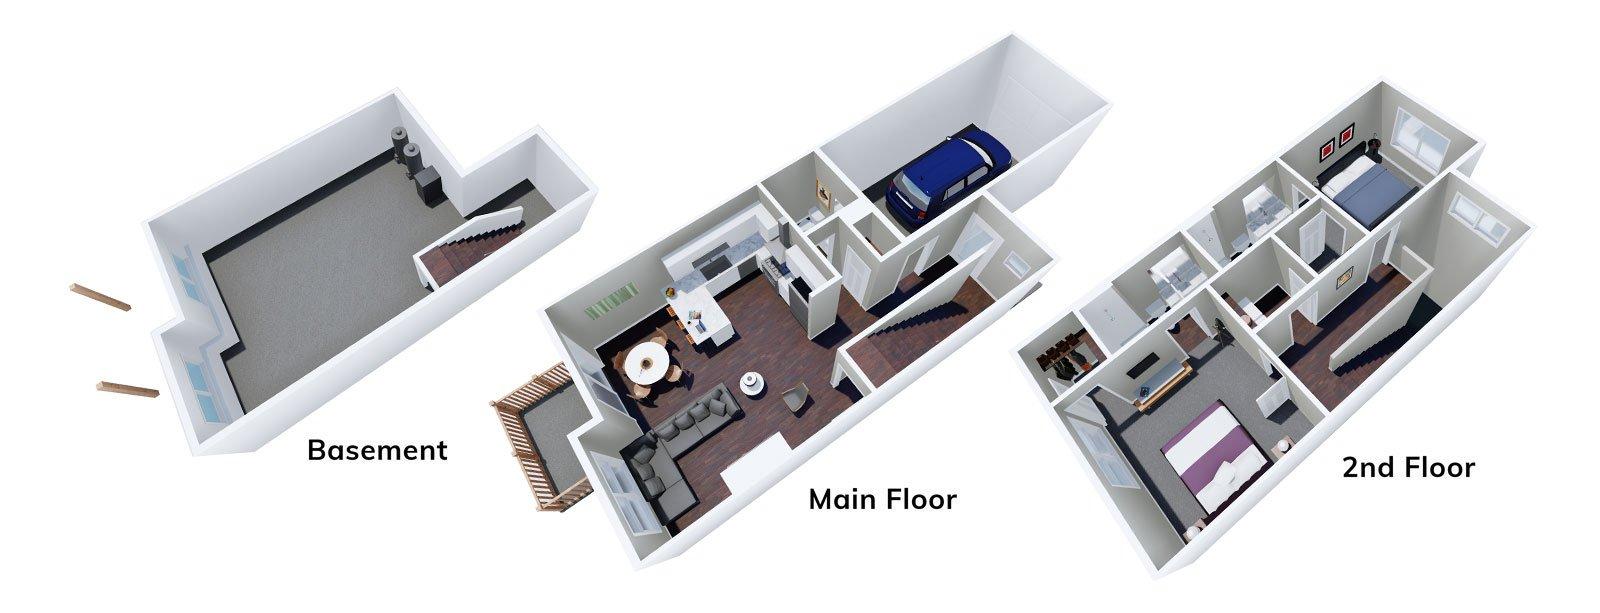 Marigold Floor Plan 3D